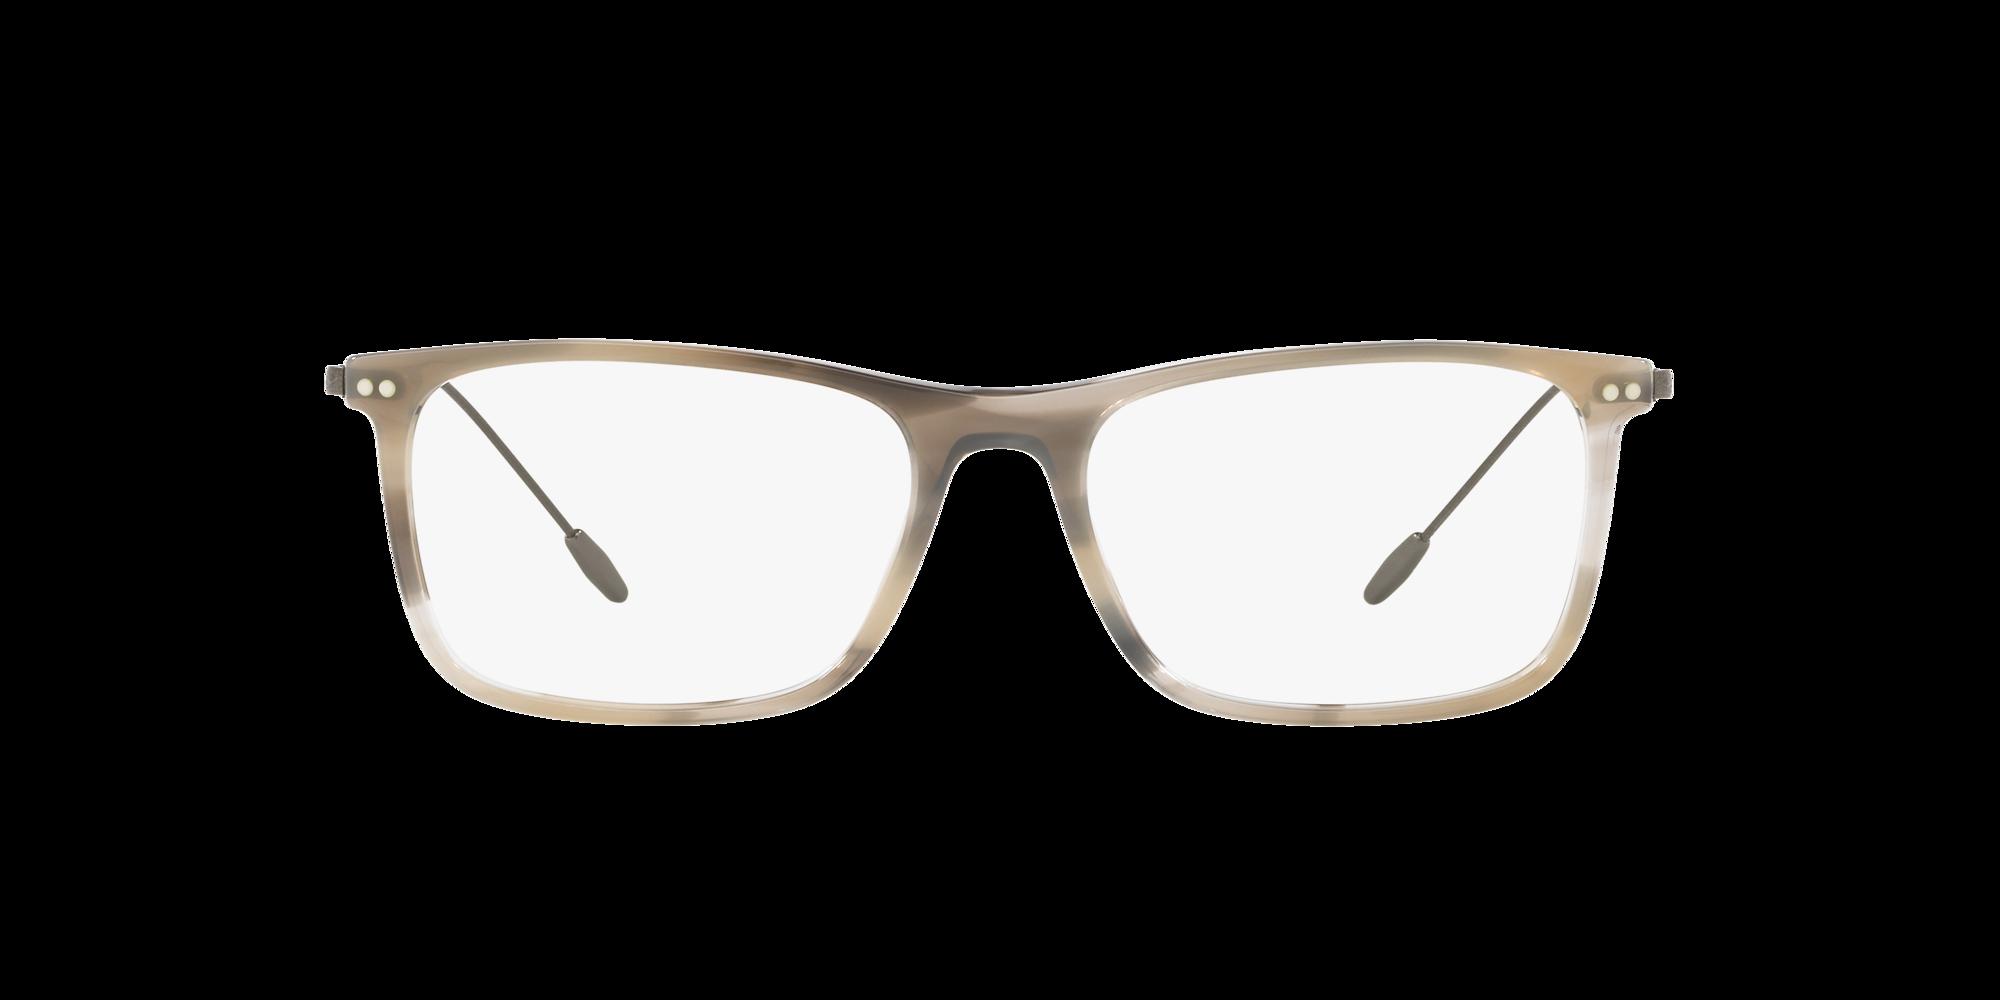 Imagen para AR7154 de LensCrafters |  Espejuelos, espejuelos graduados en línea, gafas